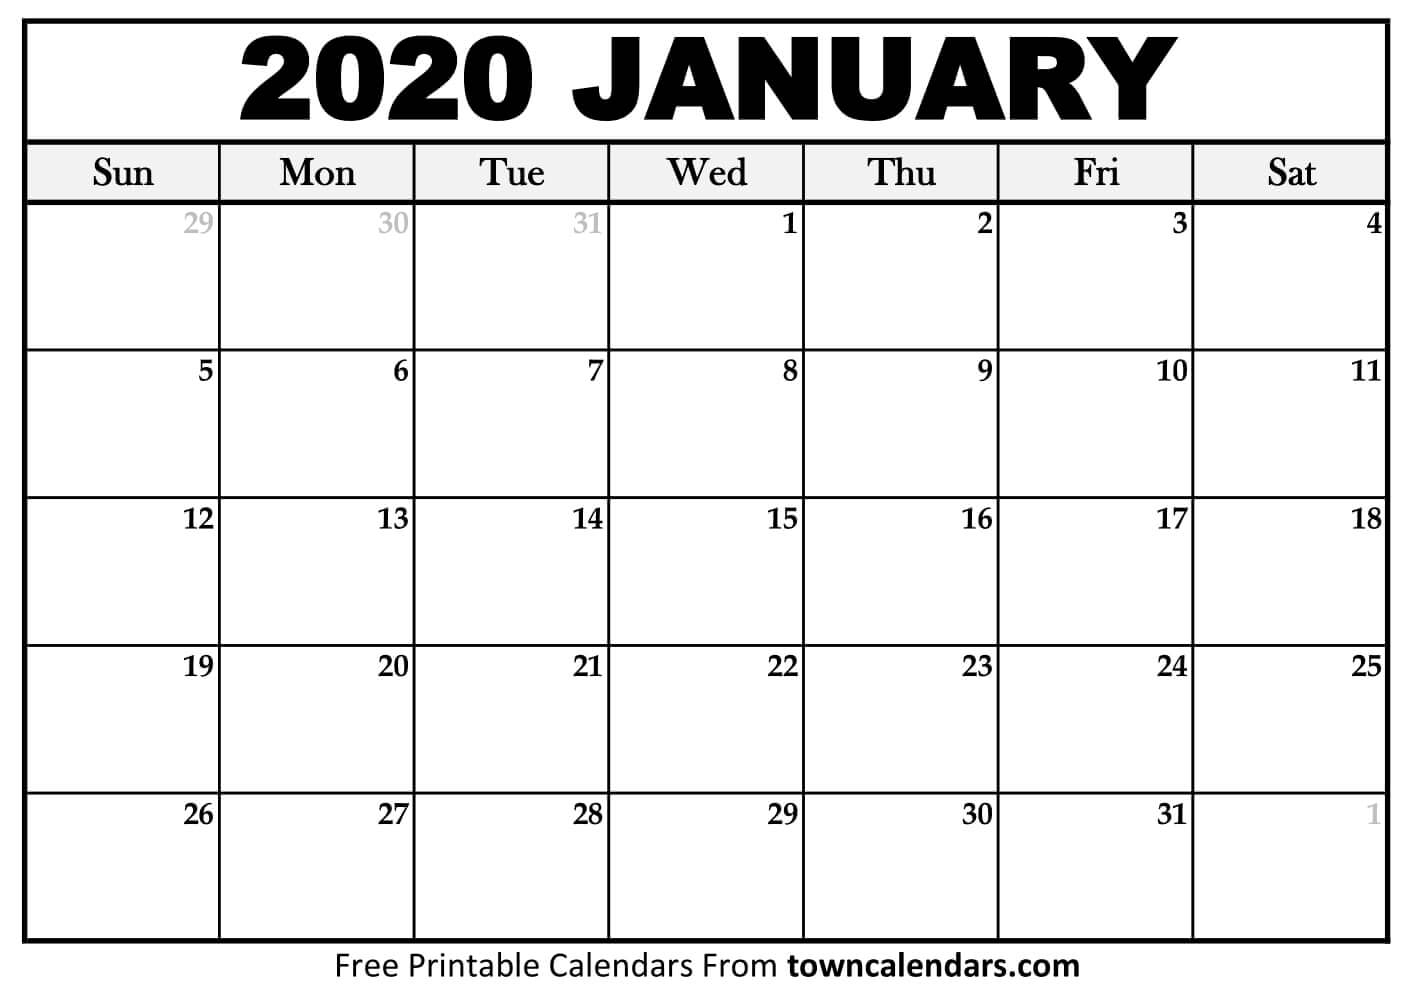 Printable January 2020 Calendar  Towncalendars with Blank January Calendar 2020